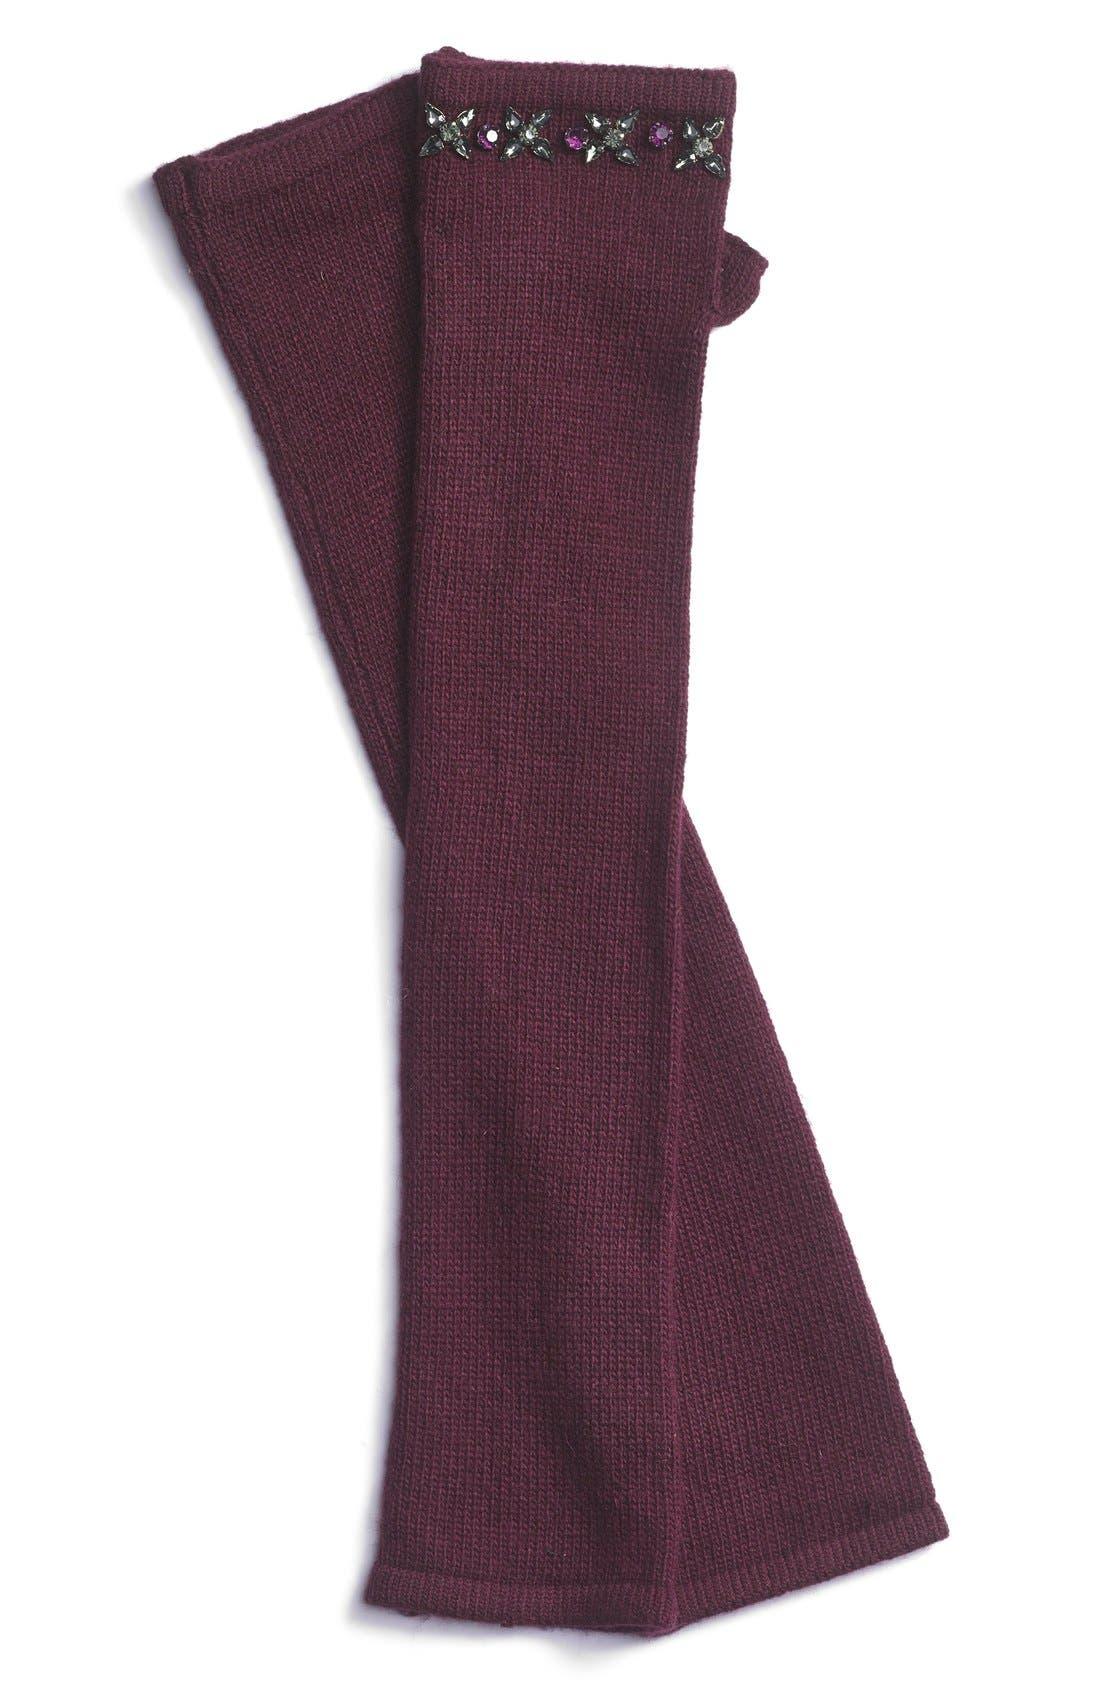 Alternate Image 1 Selected - Lauren Ralph Lauren Jeweled Fingerless Arm Warmer Gloves